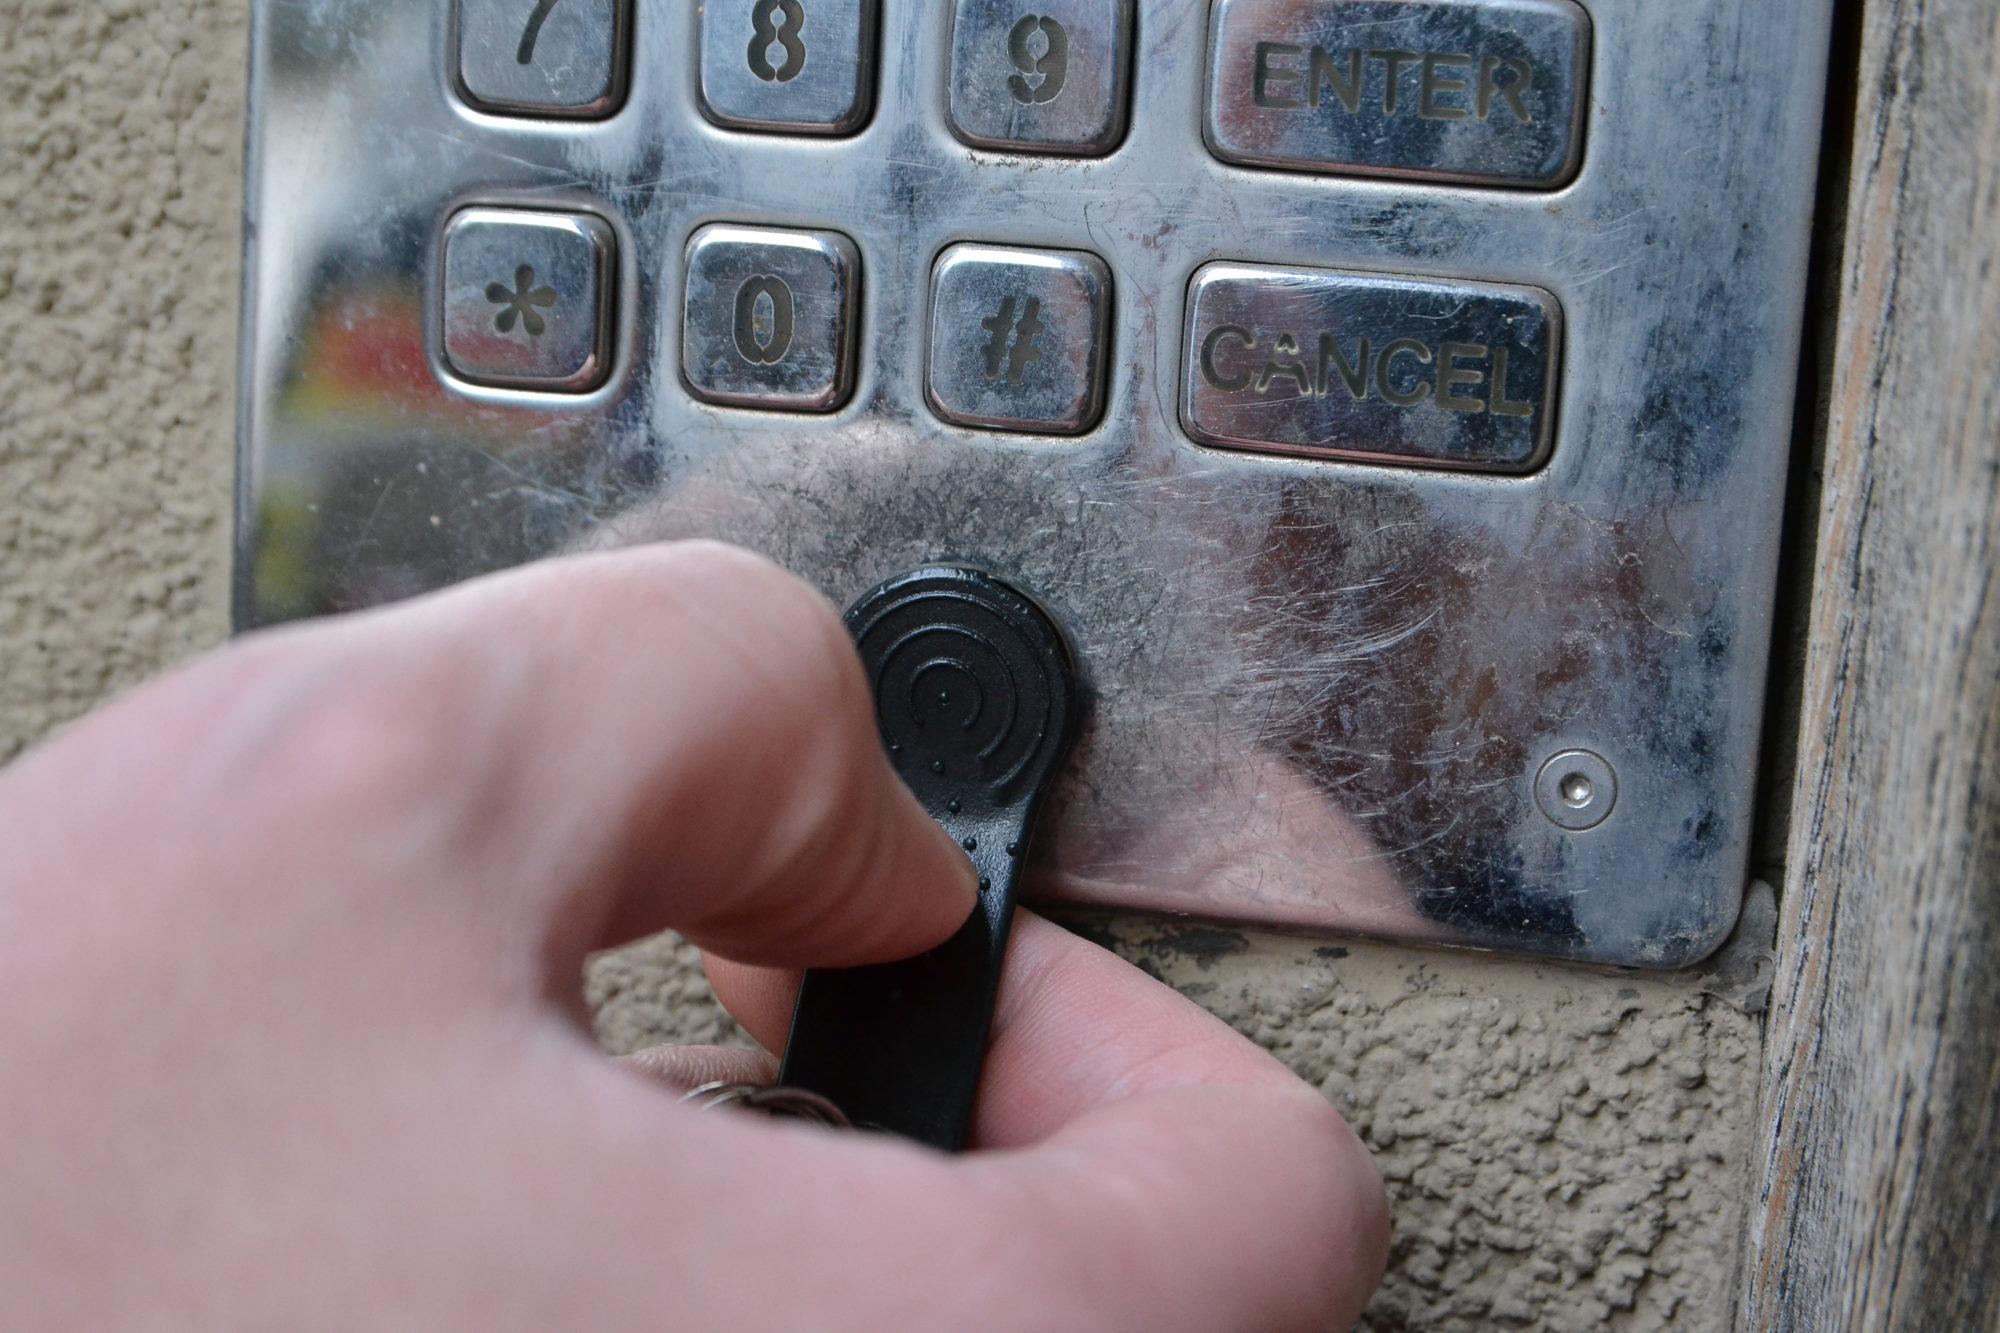 Čipiņš pazudis, durvis ciet! Kā tikt pie jaunas elektroniskās atslēgas